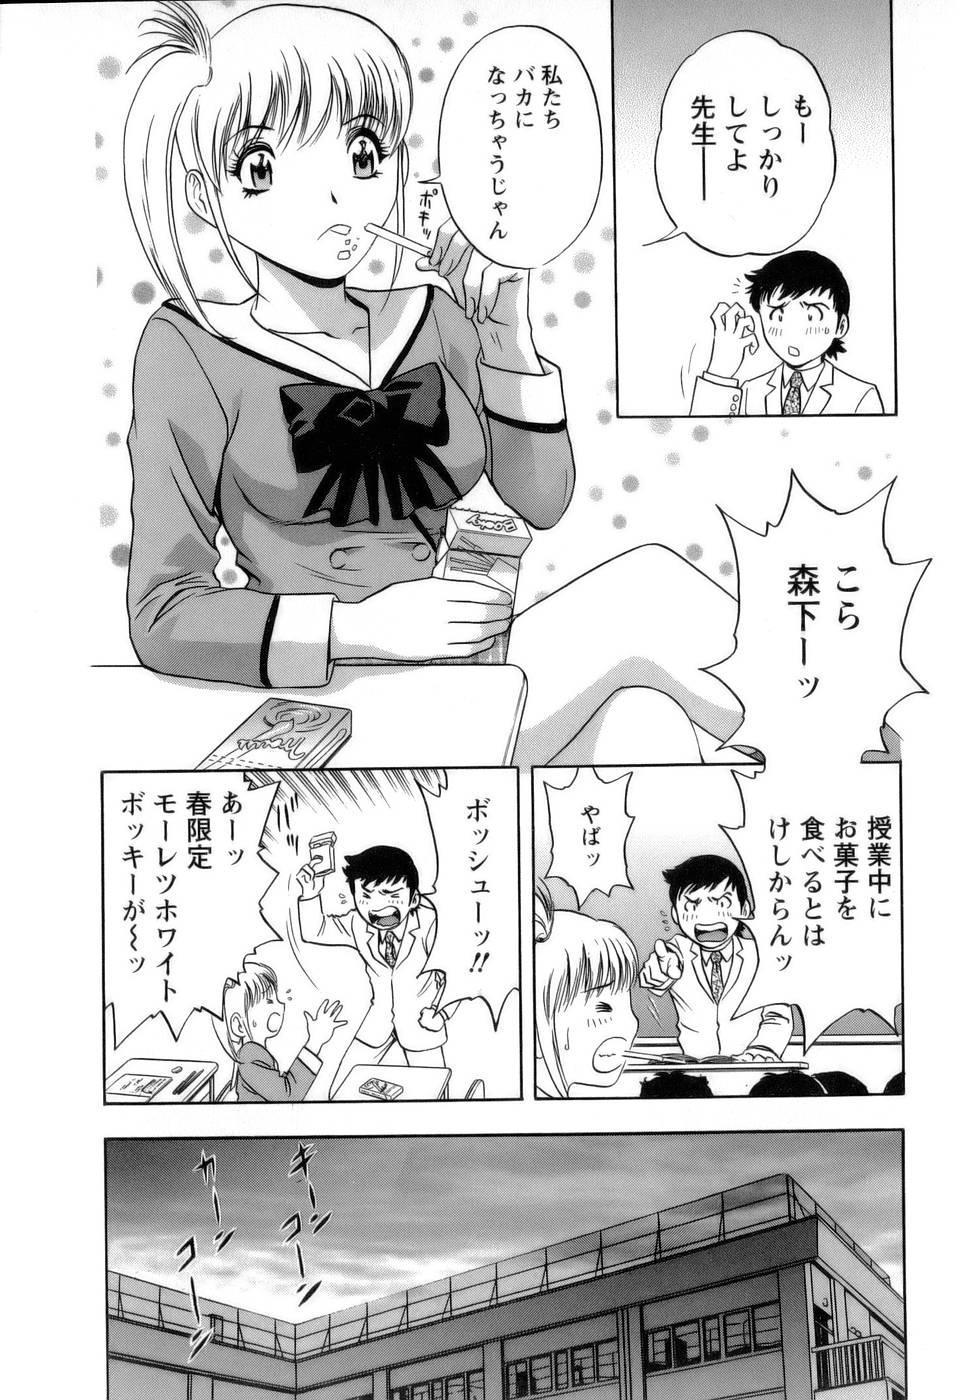 [Hidemaru] Mo-Retsu! Boin Sensei (Boing Boing Teacher) Vol.1 115